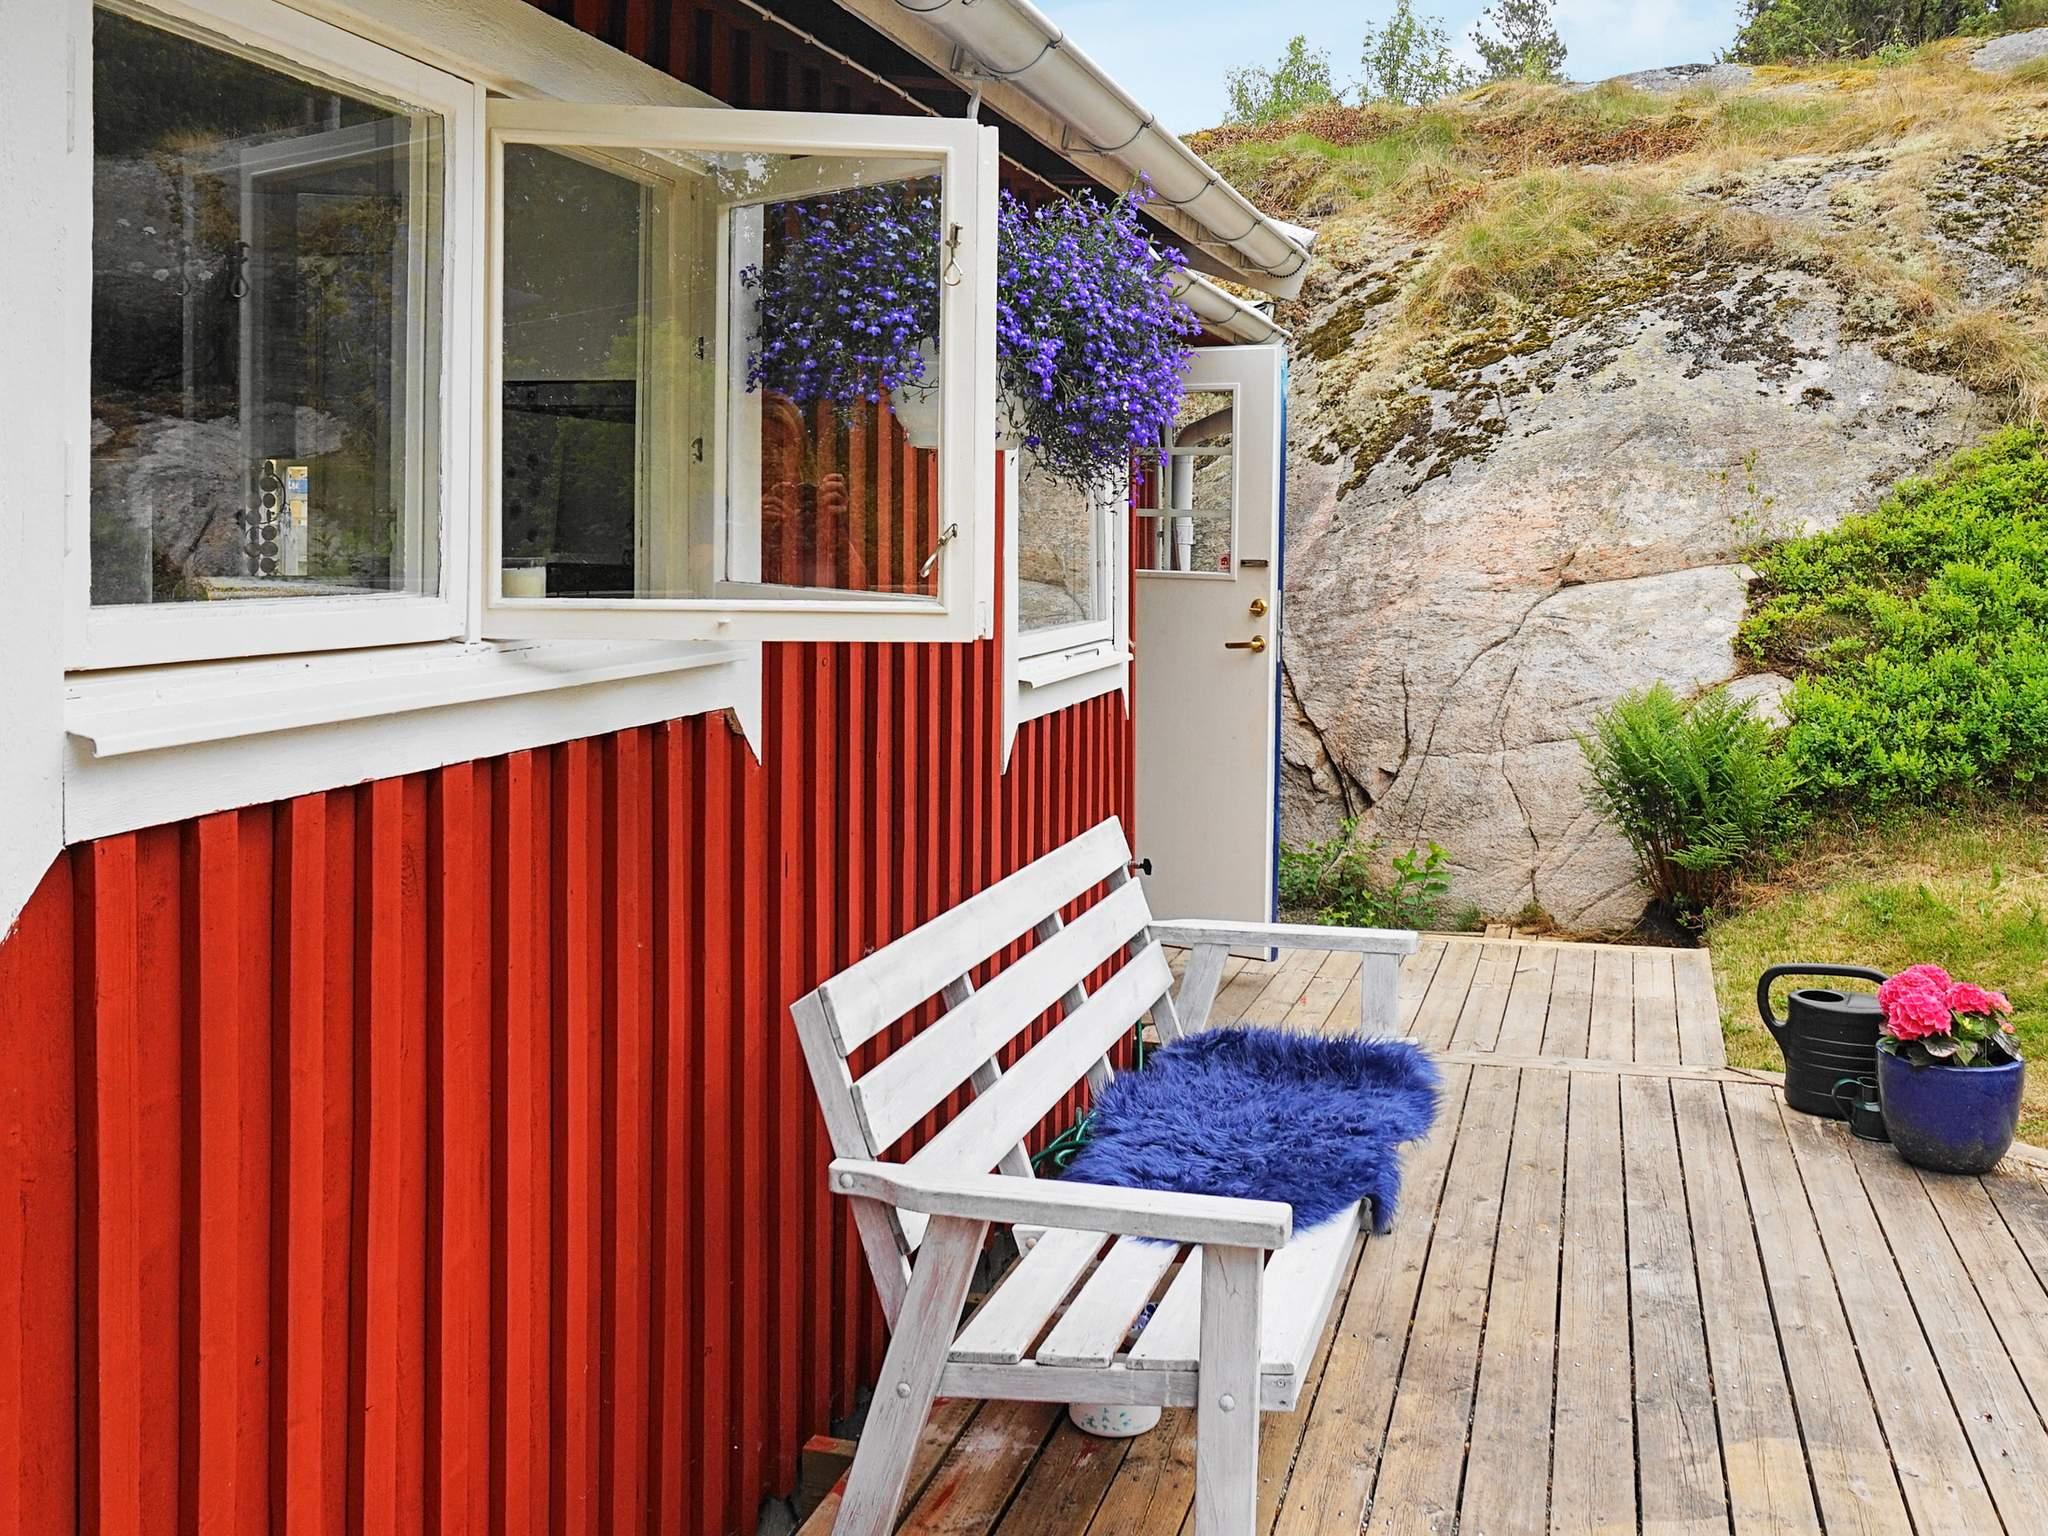 Ferienhaus Tjörn/Höviksnäs (2432182), Höviksnäs, Tjörn, Westschweden, Schweden, Bild 12